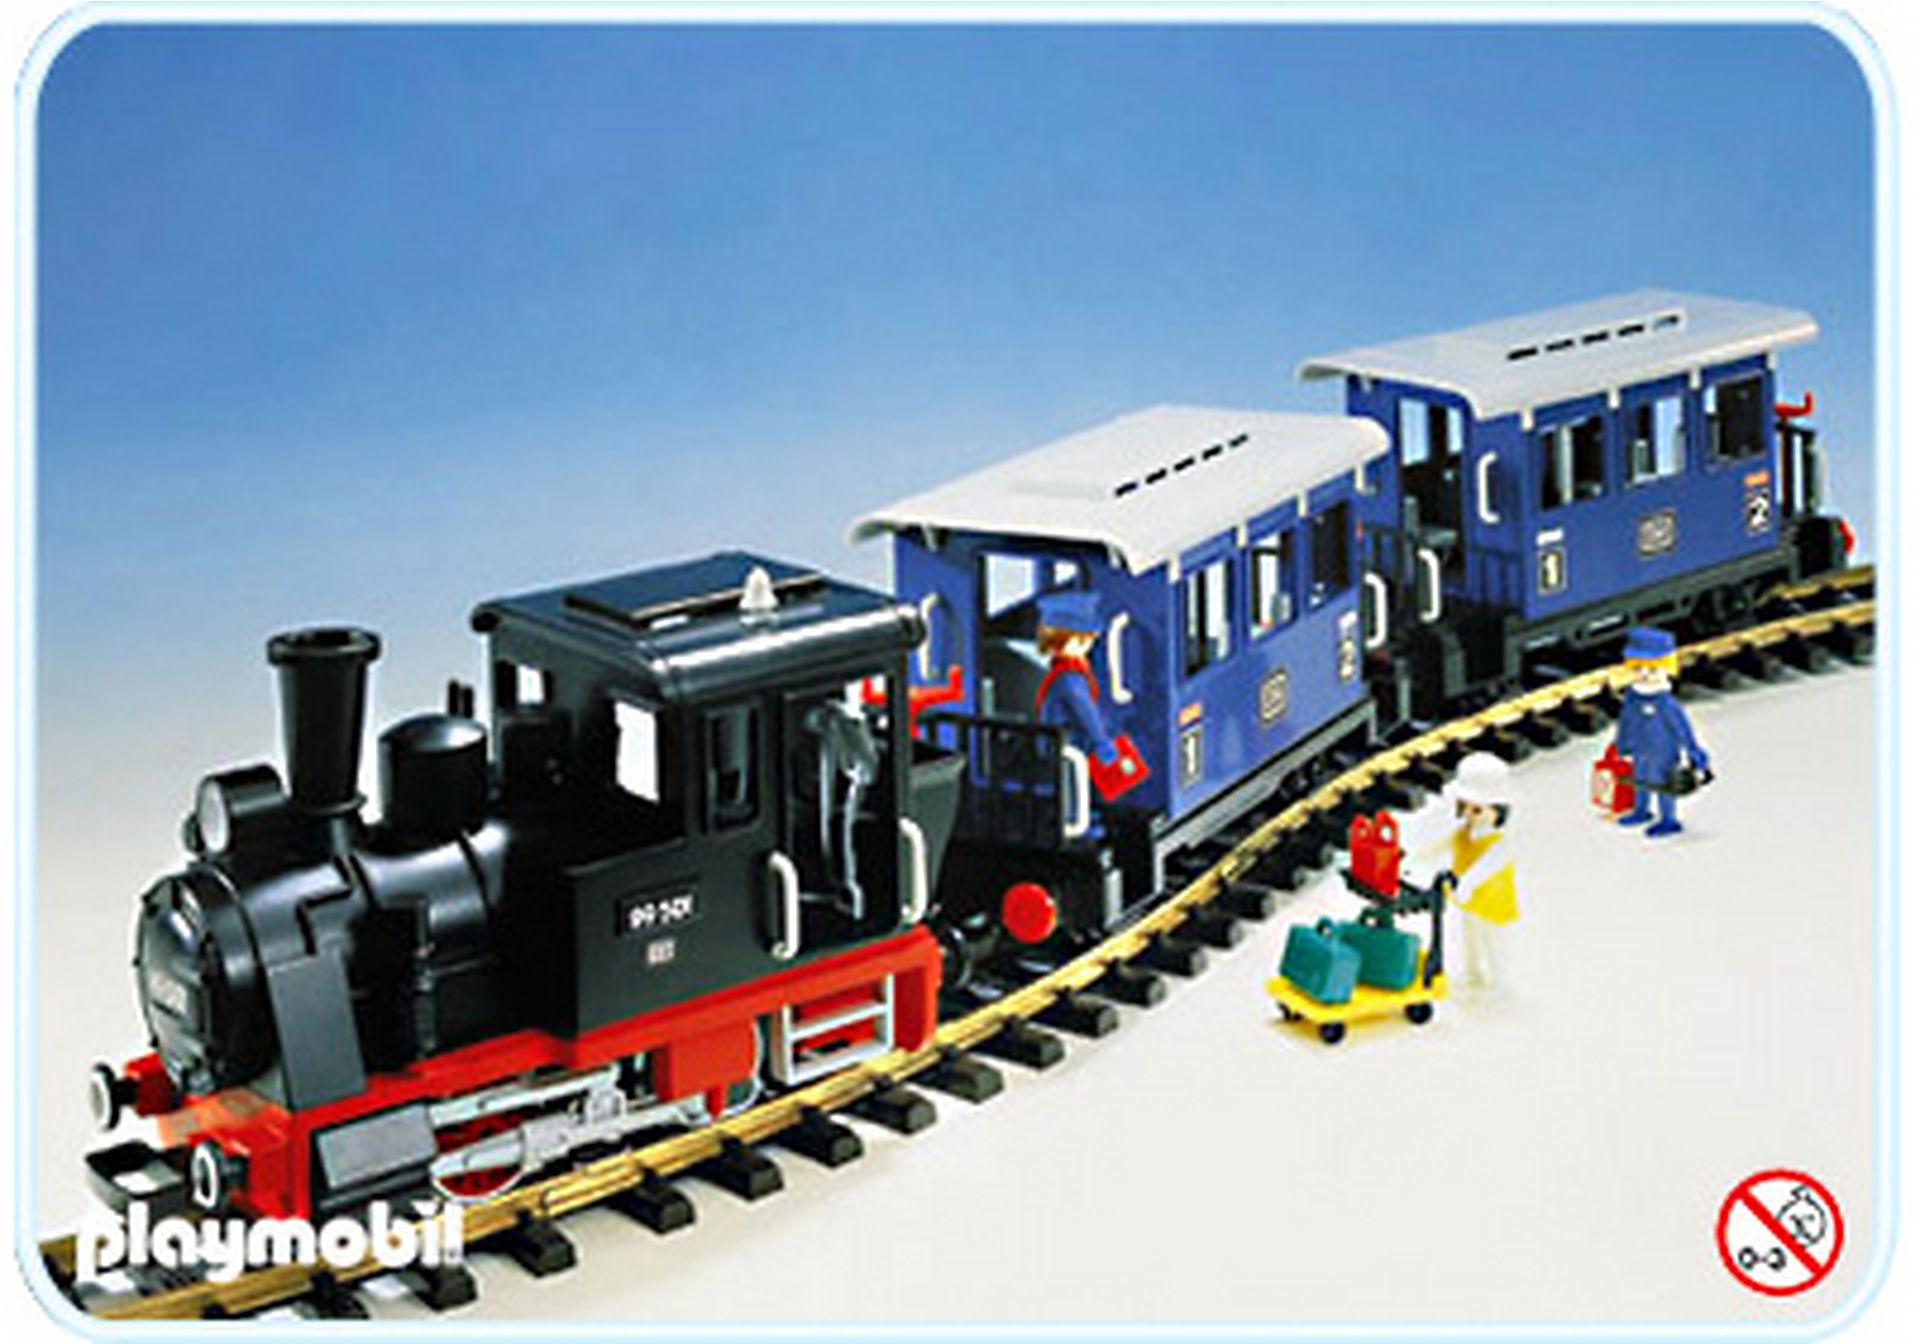 4000-A Set Personenzug mit Dampflok zoom image1